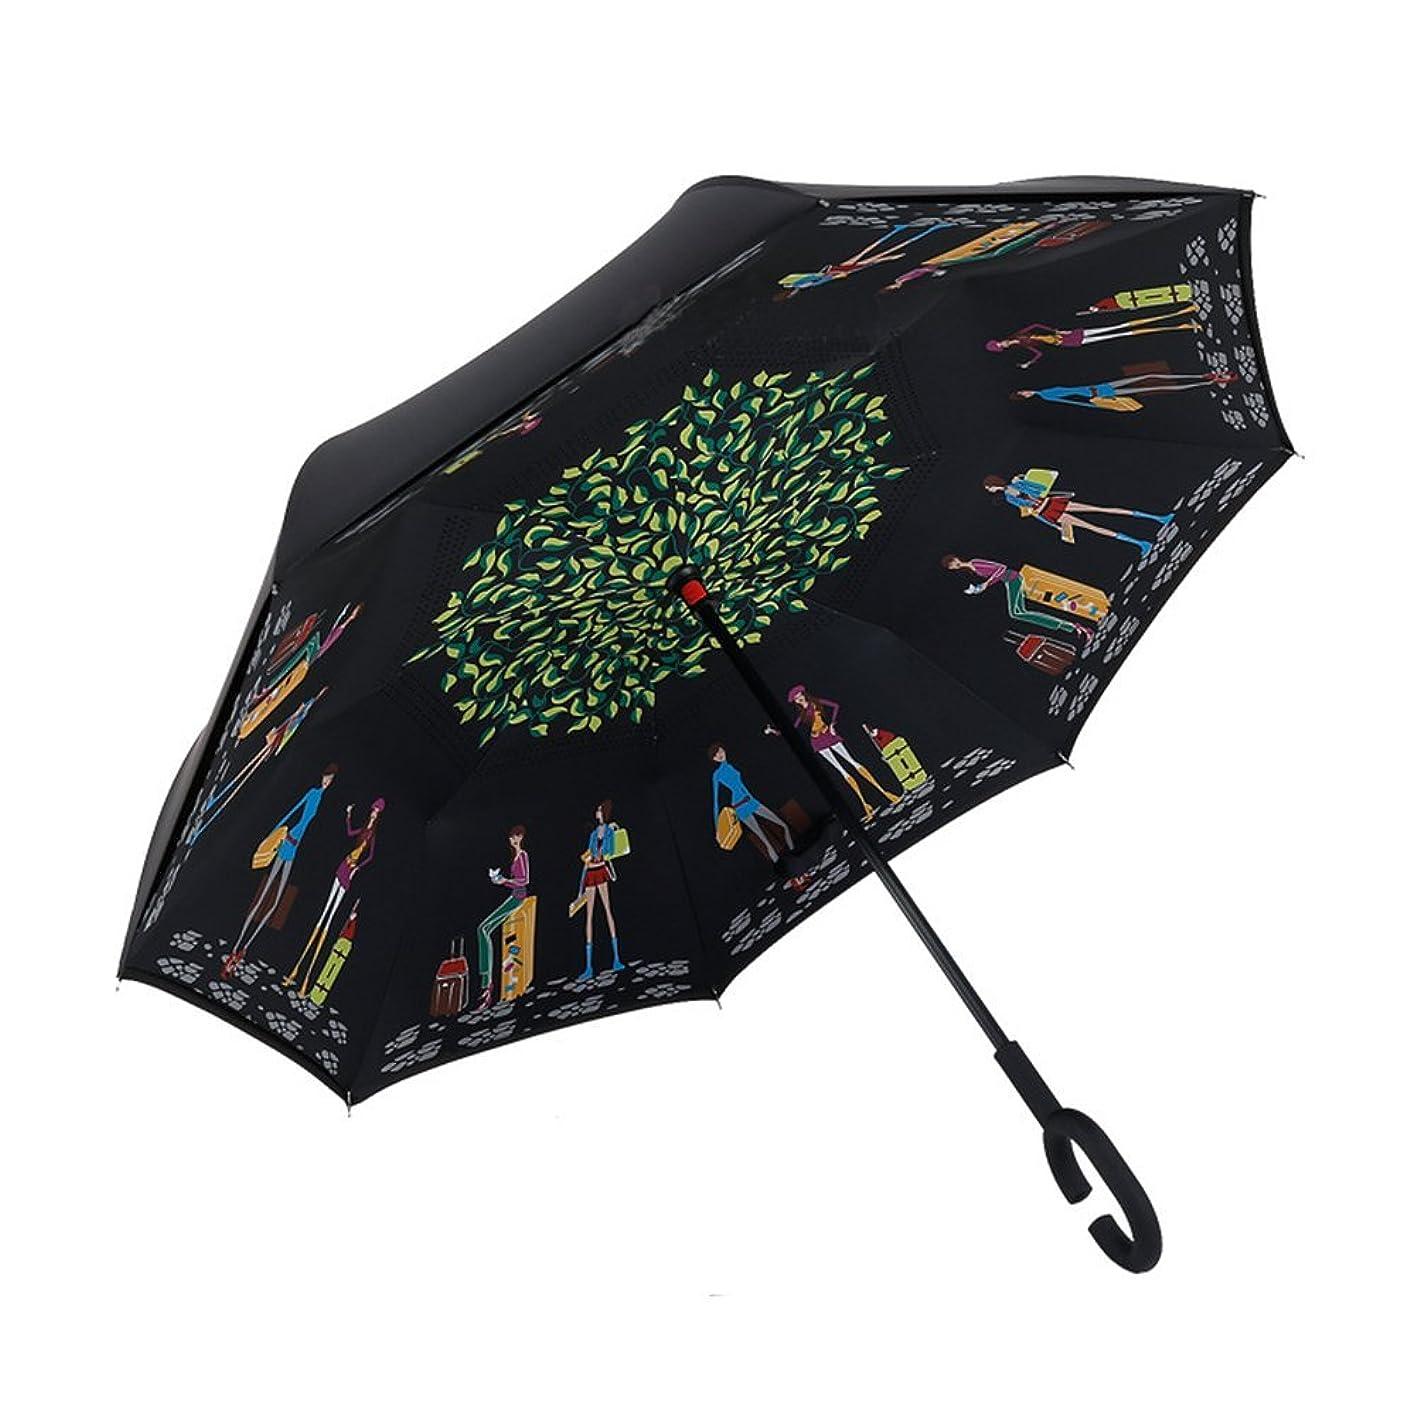 高速道路値丈夫長傘 逆さ傘 日傘 かさ さかさま傘 逆さ傘 長傘 UVカット 超撥水 逆さに開く傘 濡れない 傘 レディース 傘 メンズ 傘 おしゃれ 晴雨兼用 アイディア (写真通り)